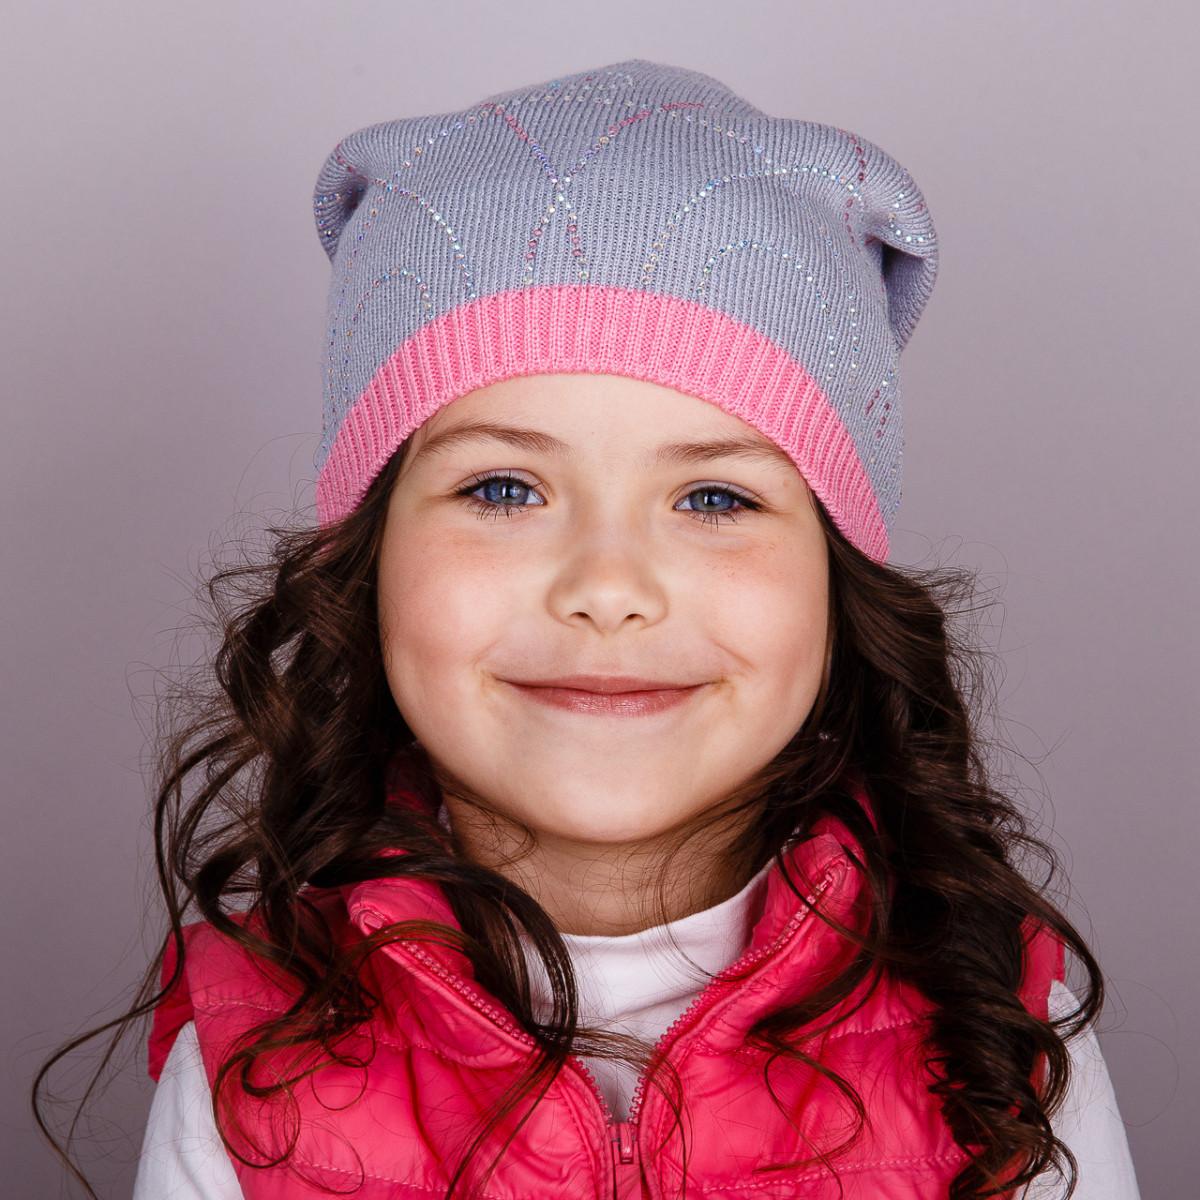 Модная шапка для девочек оптом, весна-осень - Артикул 1712